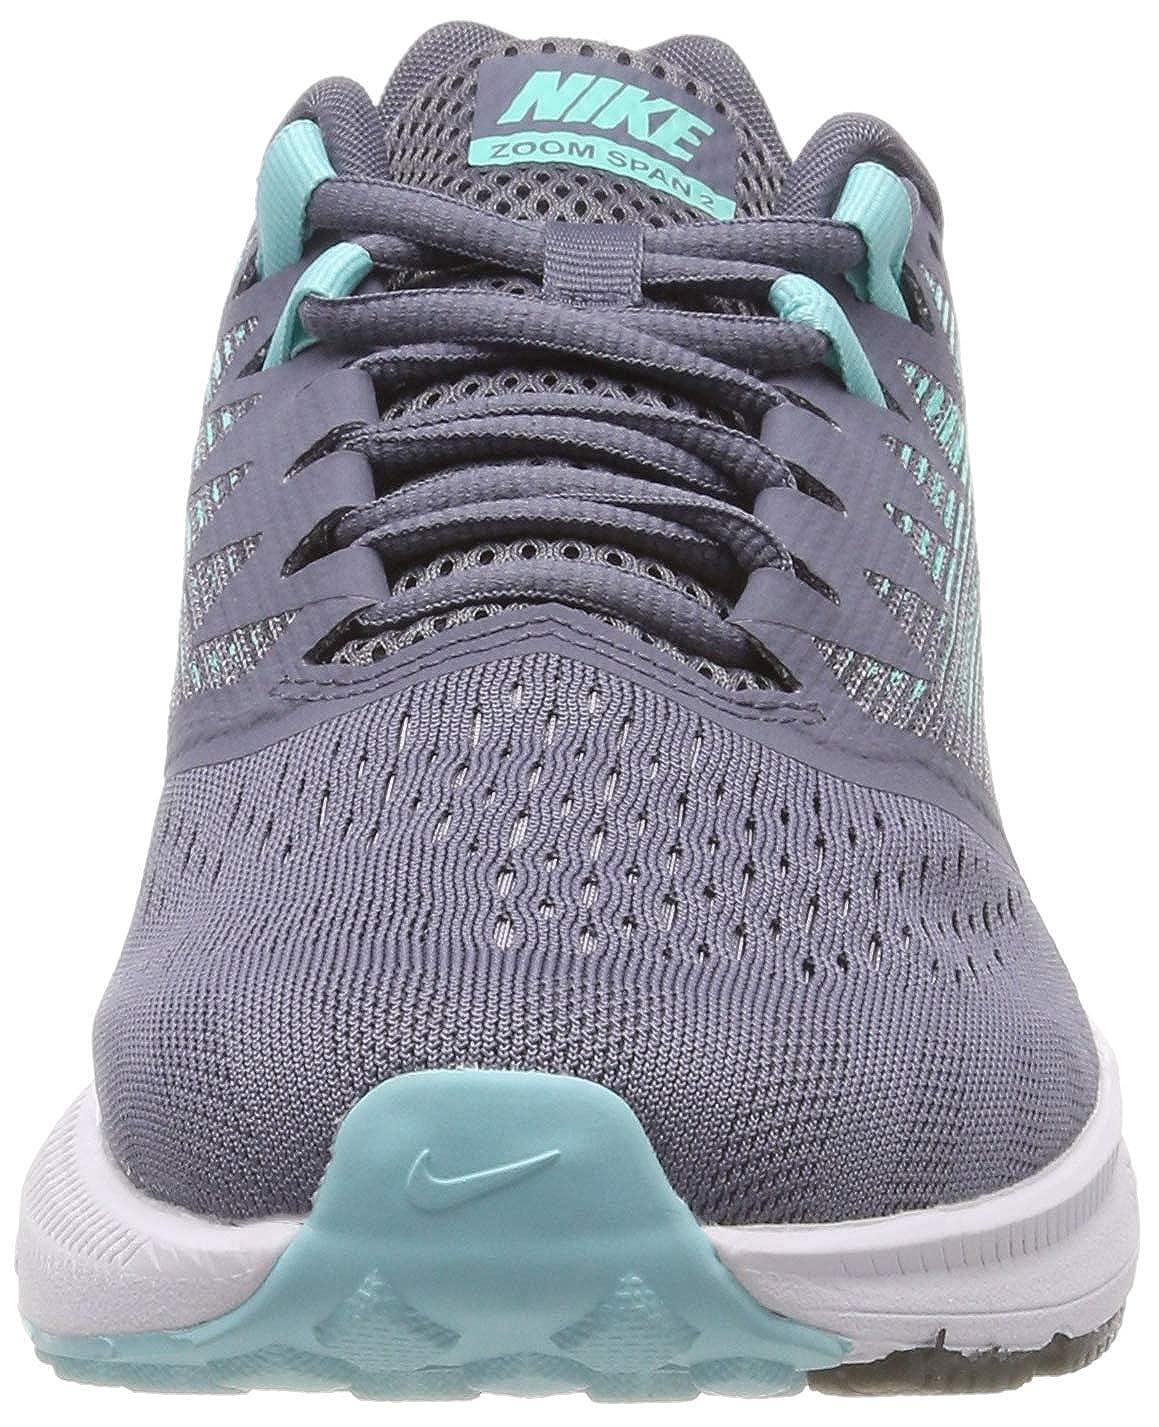 1a0d9b10d525 Nike Women s Damen Zoom Span 2 Running Shoes  Amazon.co.uk  Shoes   Bags